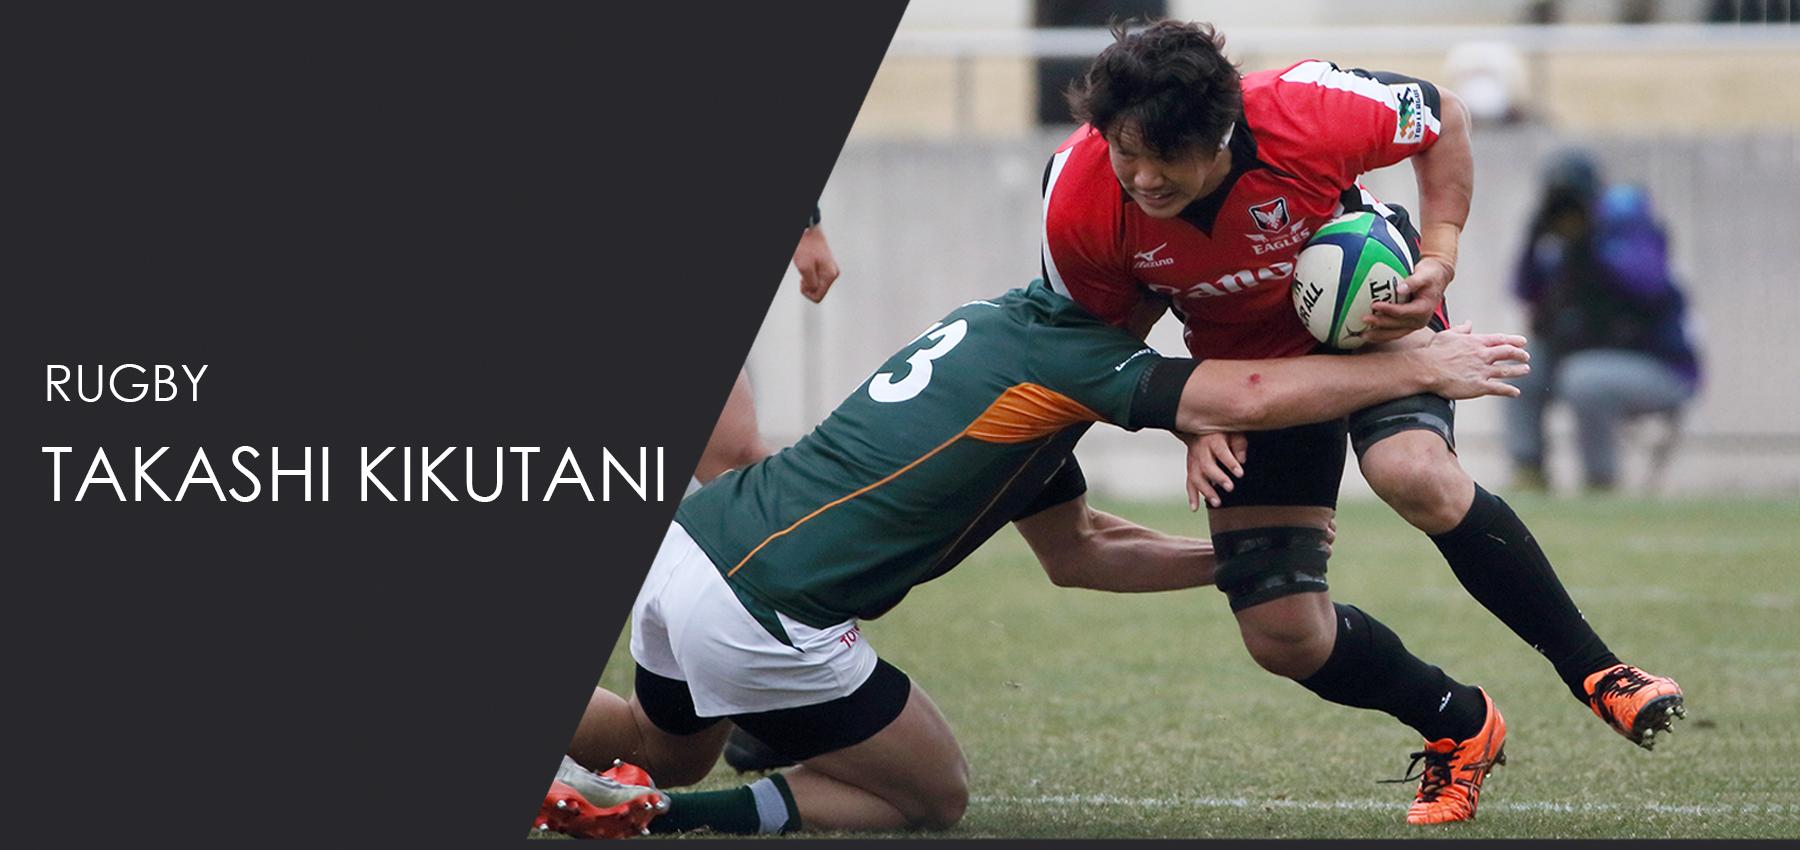 kikutani_top